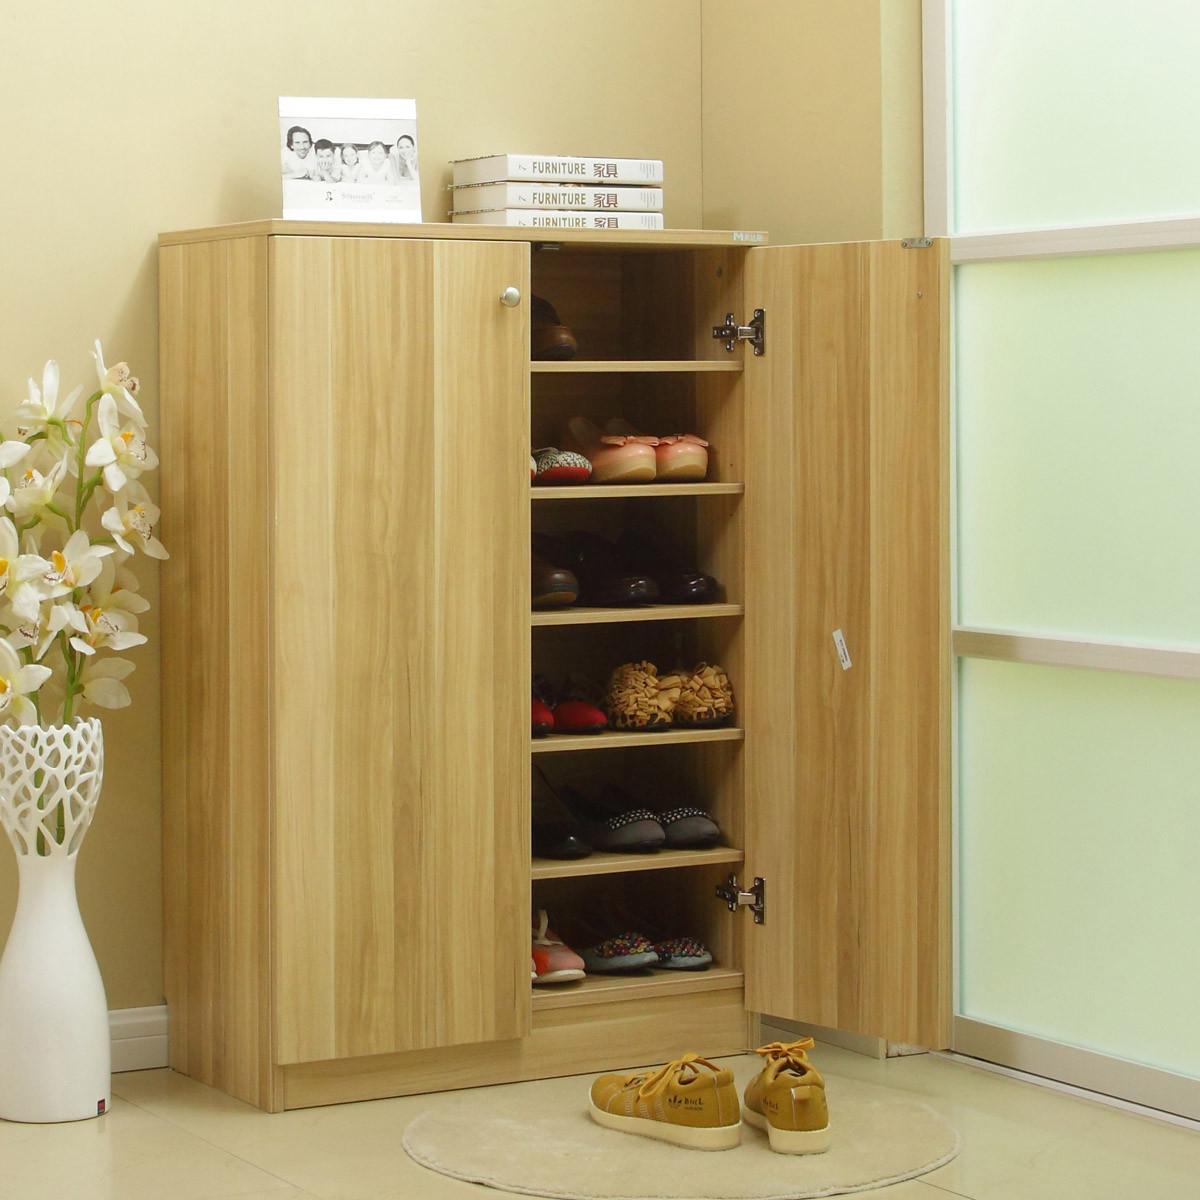 美达斯枫木色浅胡桃木色人造板刨花板三聚氰胺板简约现代鞋柜